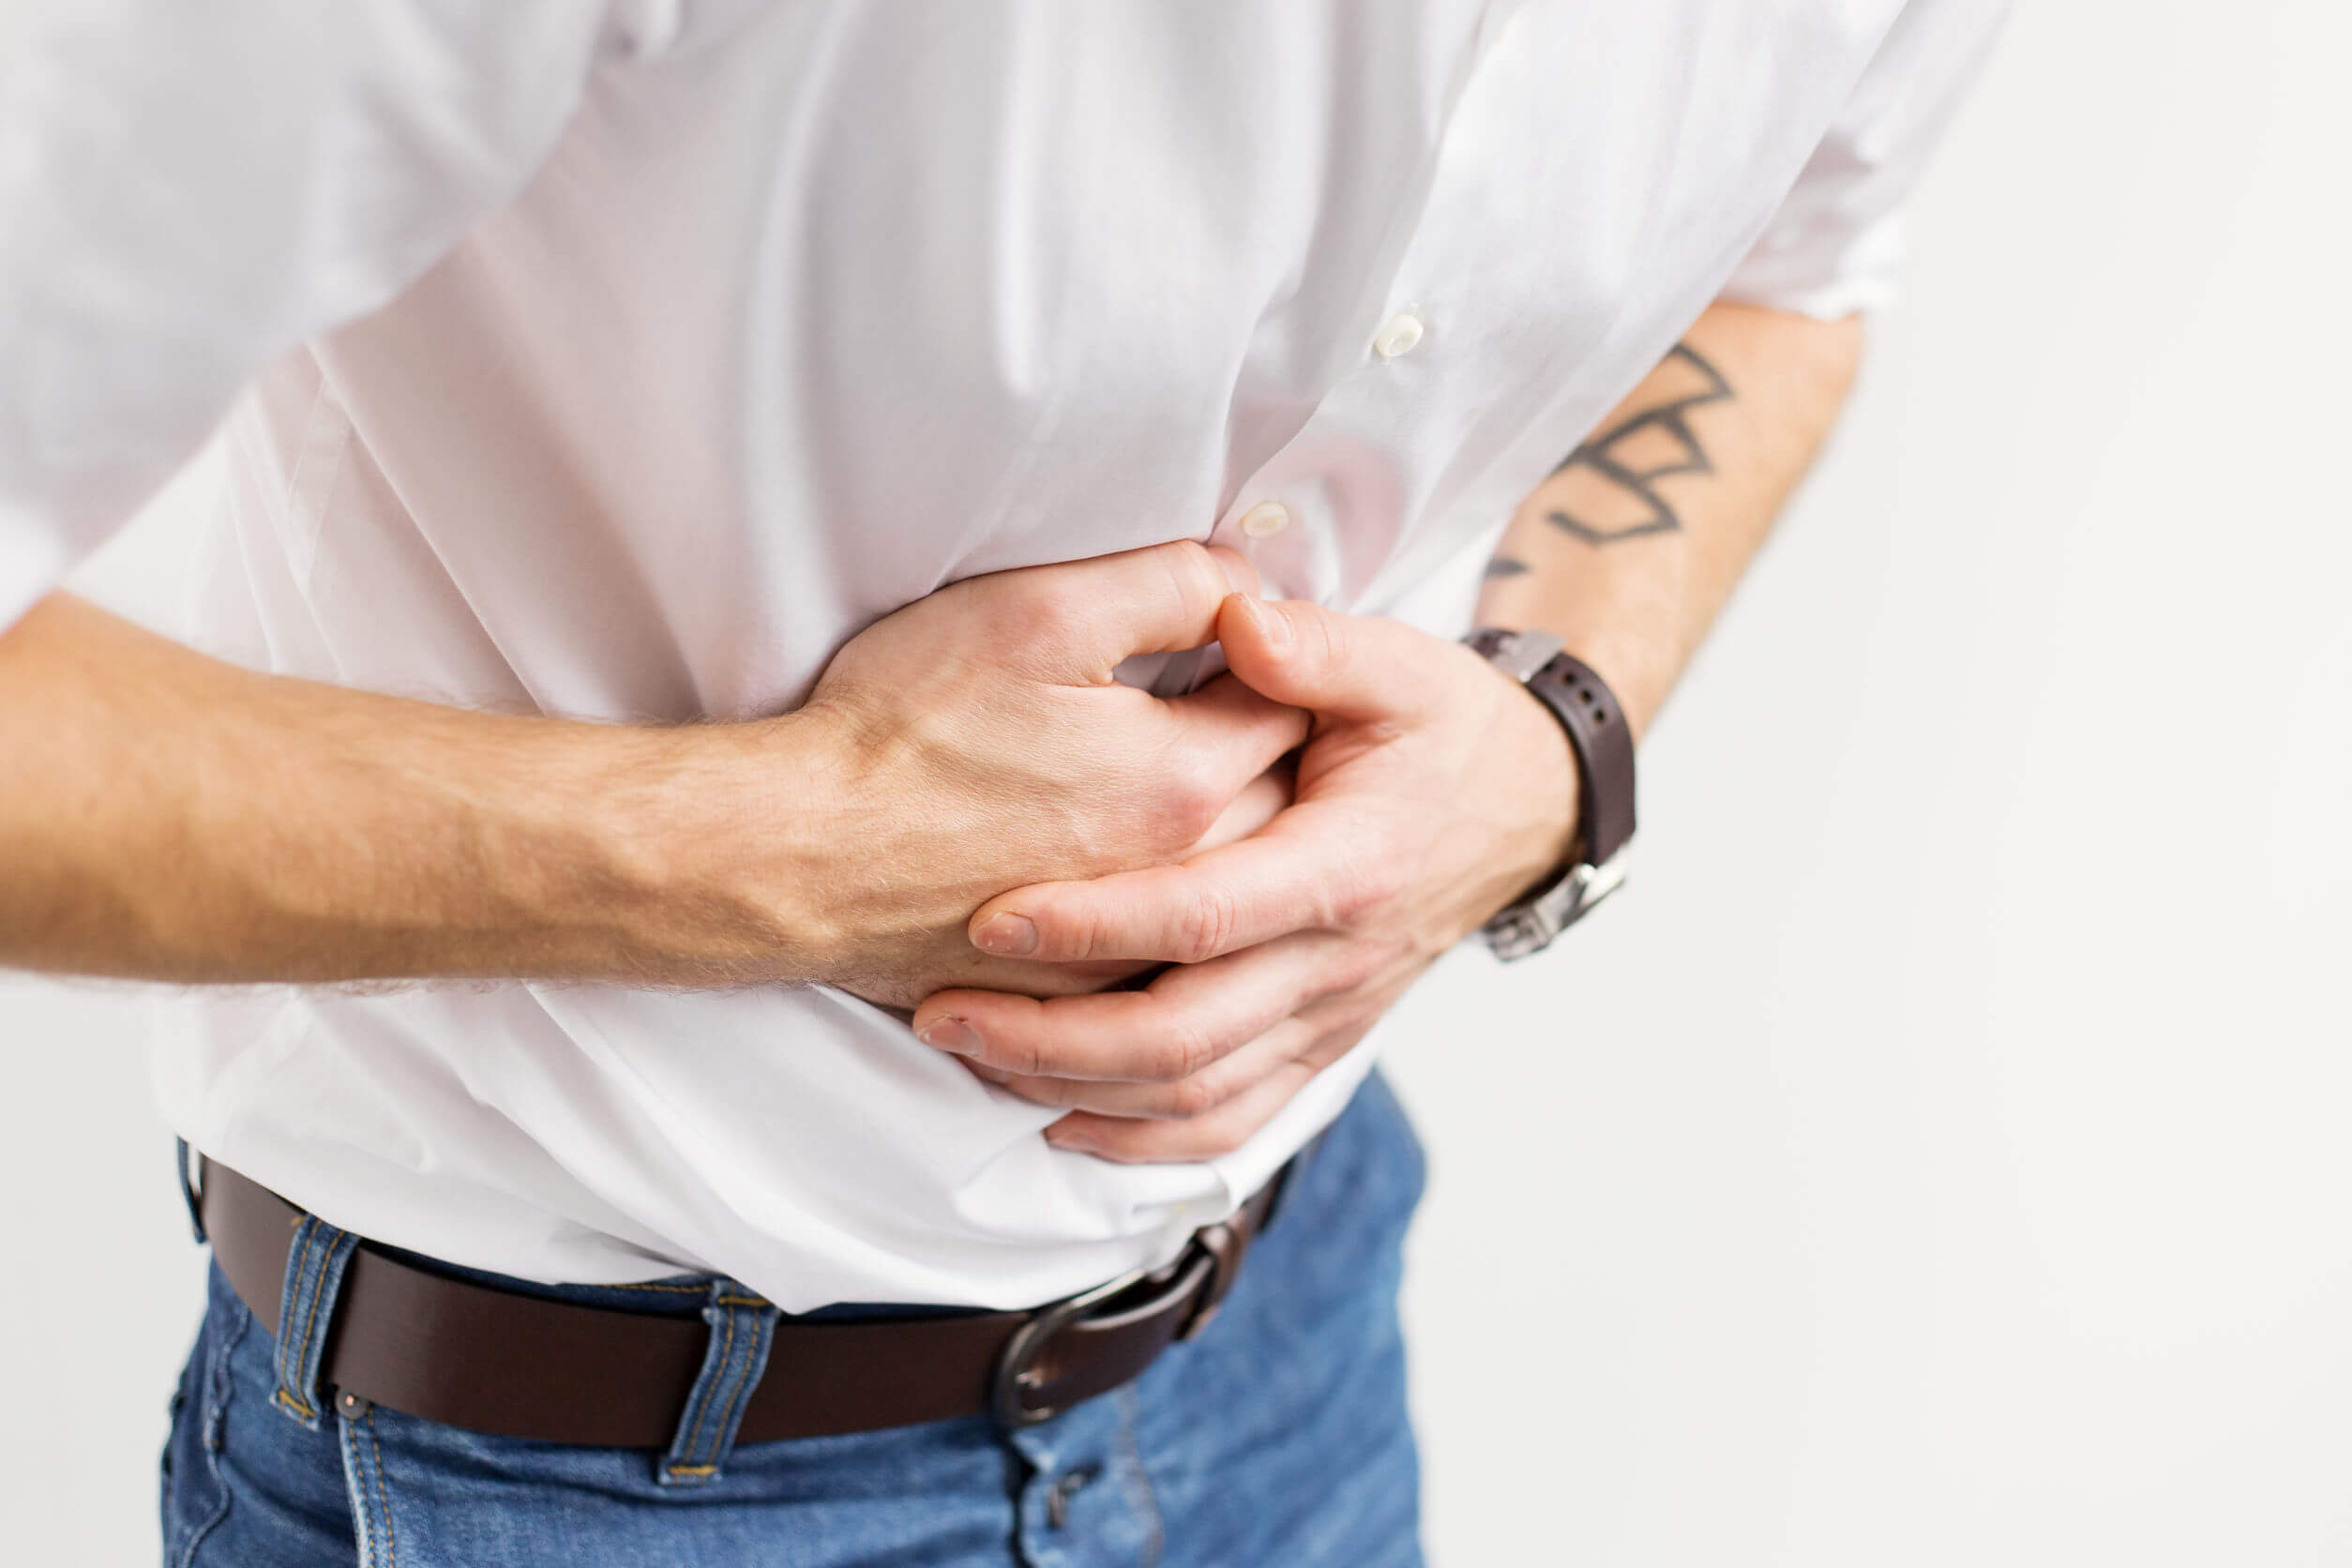 Le fitte addominali sono uno dei tipi di dolore che si possono avvertire nell'addome